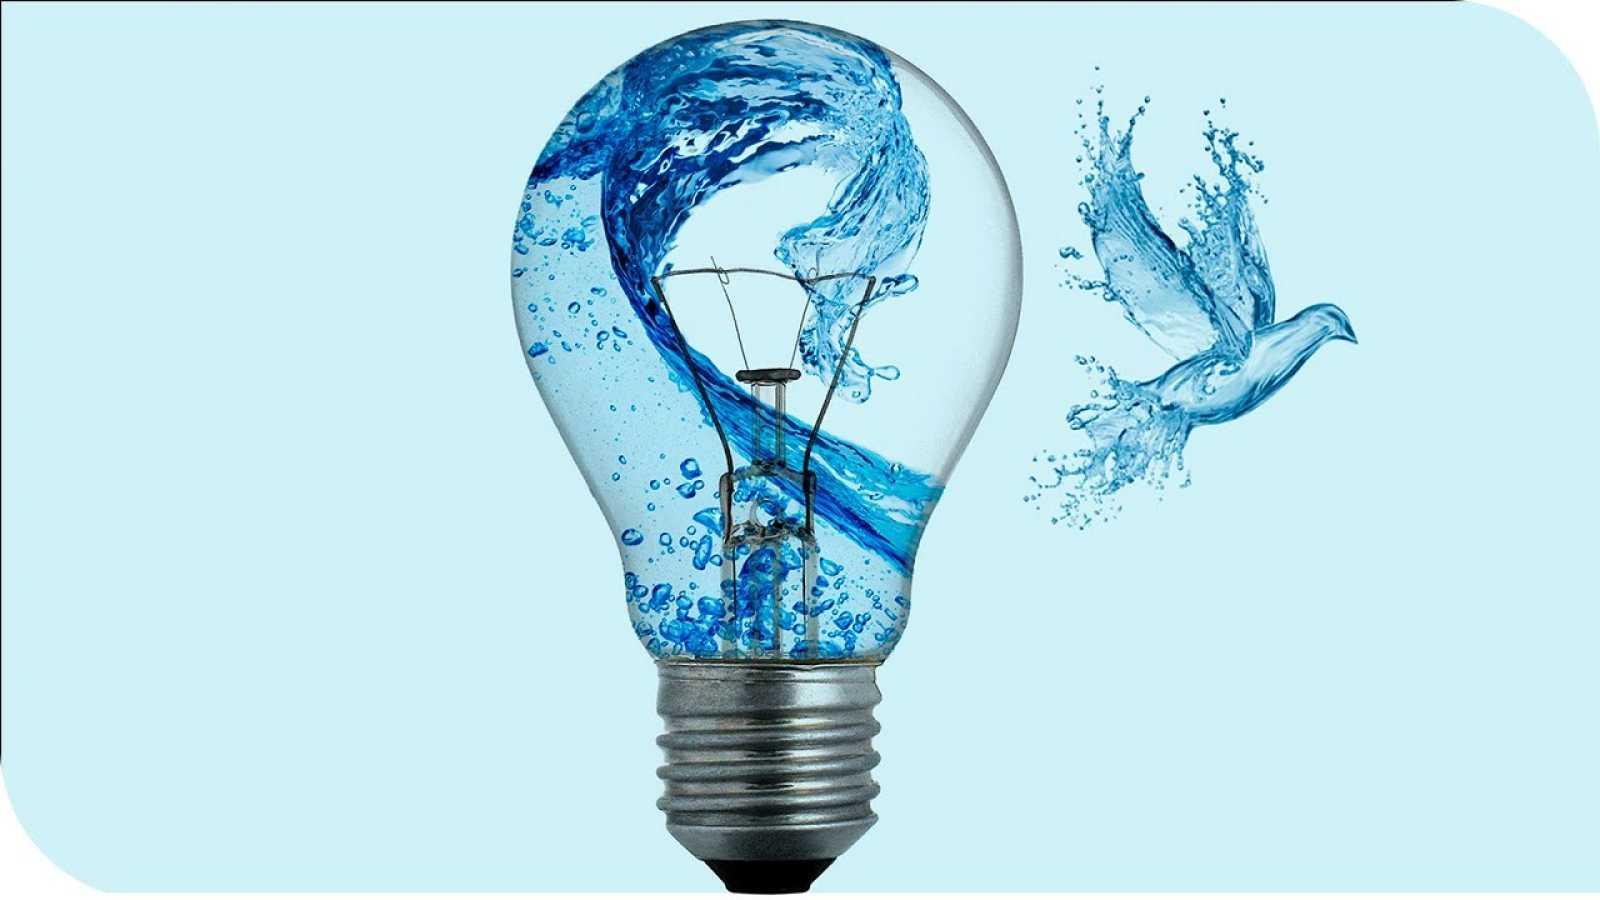 Sostenible y renovable en Radio 5 - Redes eléctricas y descarbonización - 03/10/20 - Escuchar ahora